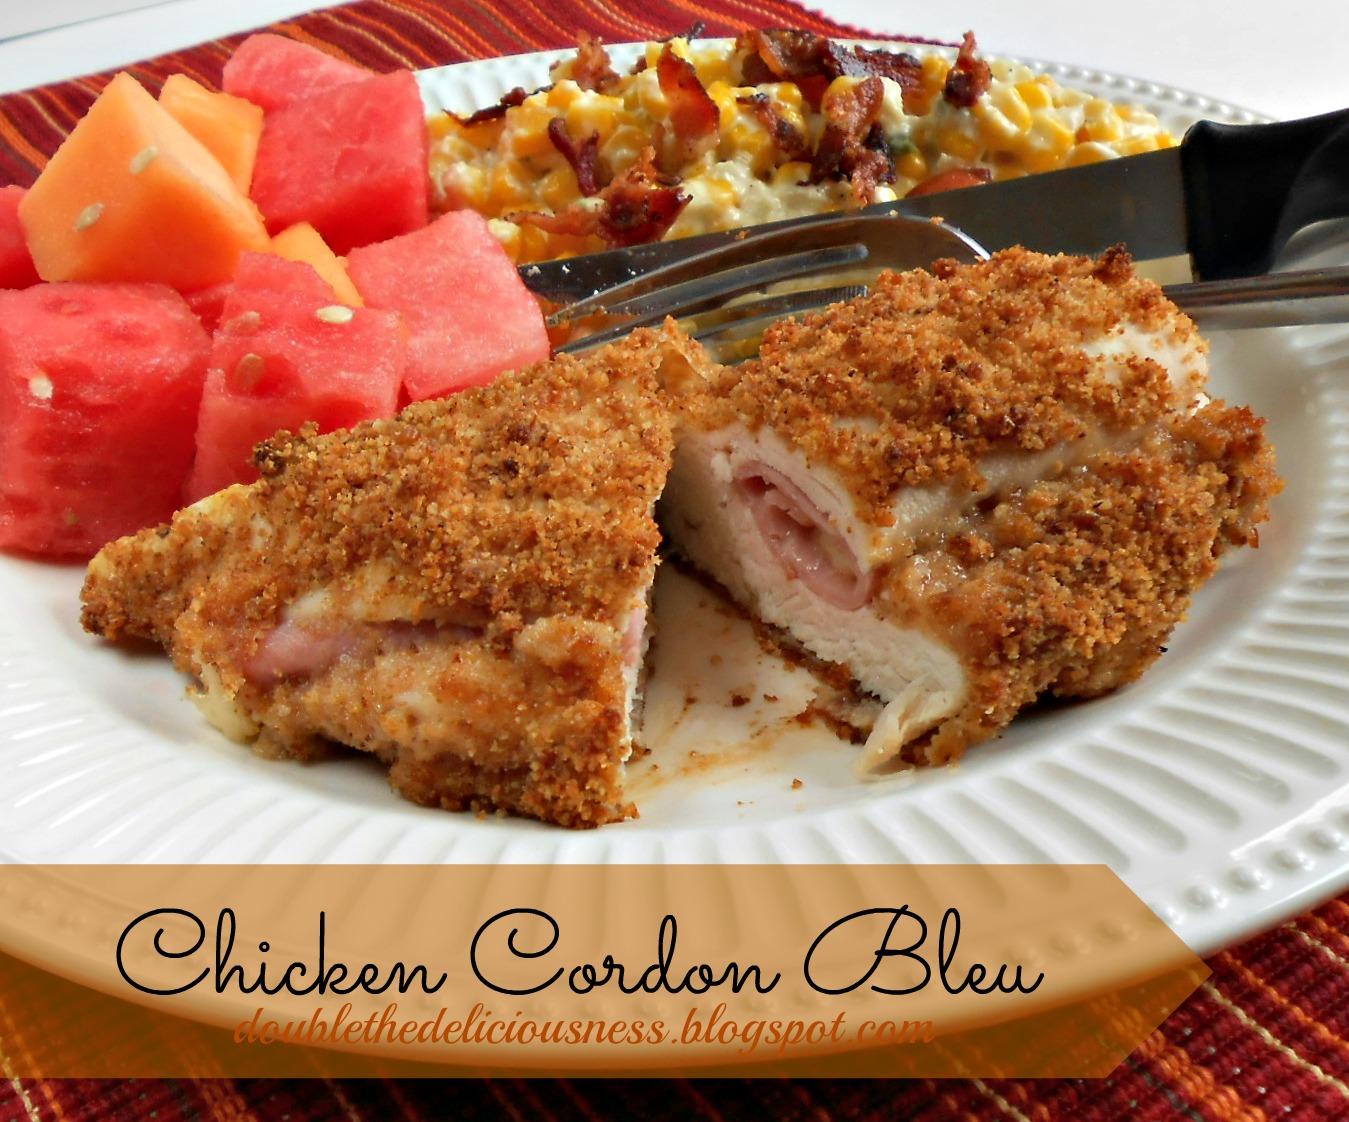 Double the Deliciousness: Chicken Cordon Bleu